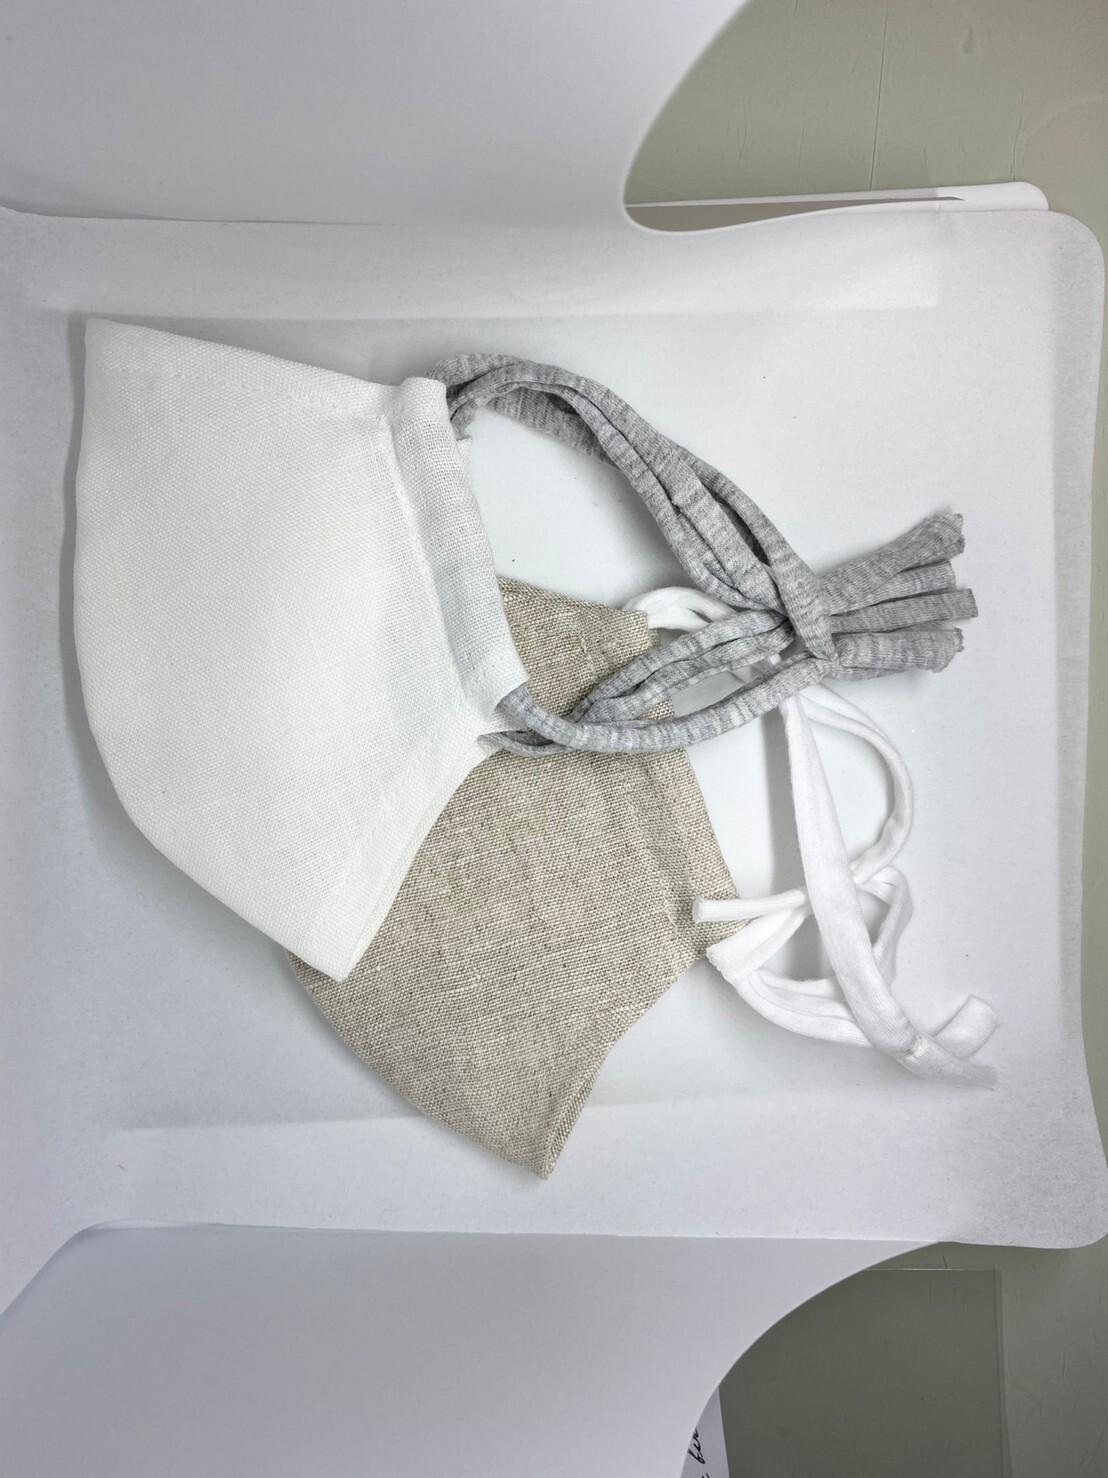 【日本製】涼しいリネンマスク 抗菌インナー付き 女性用